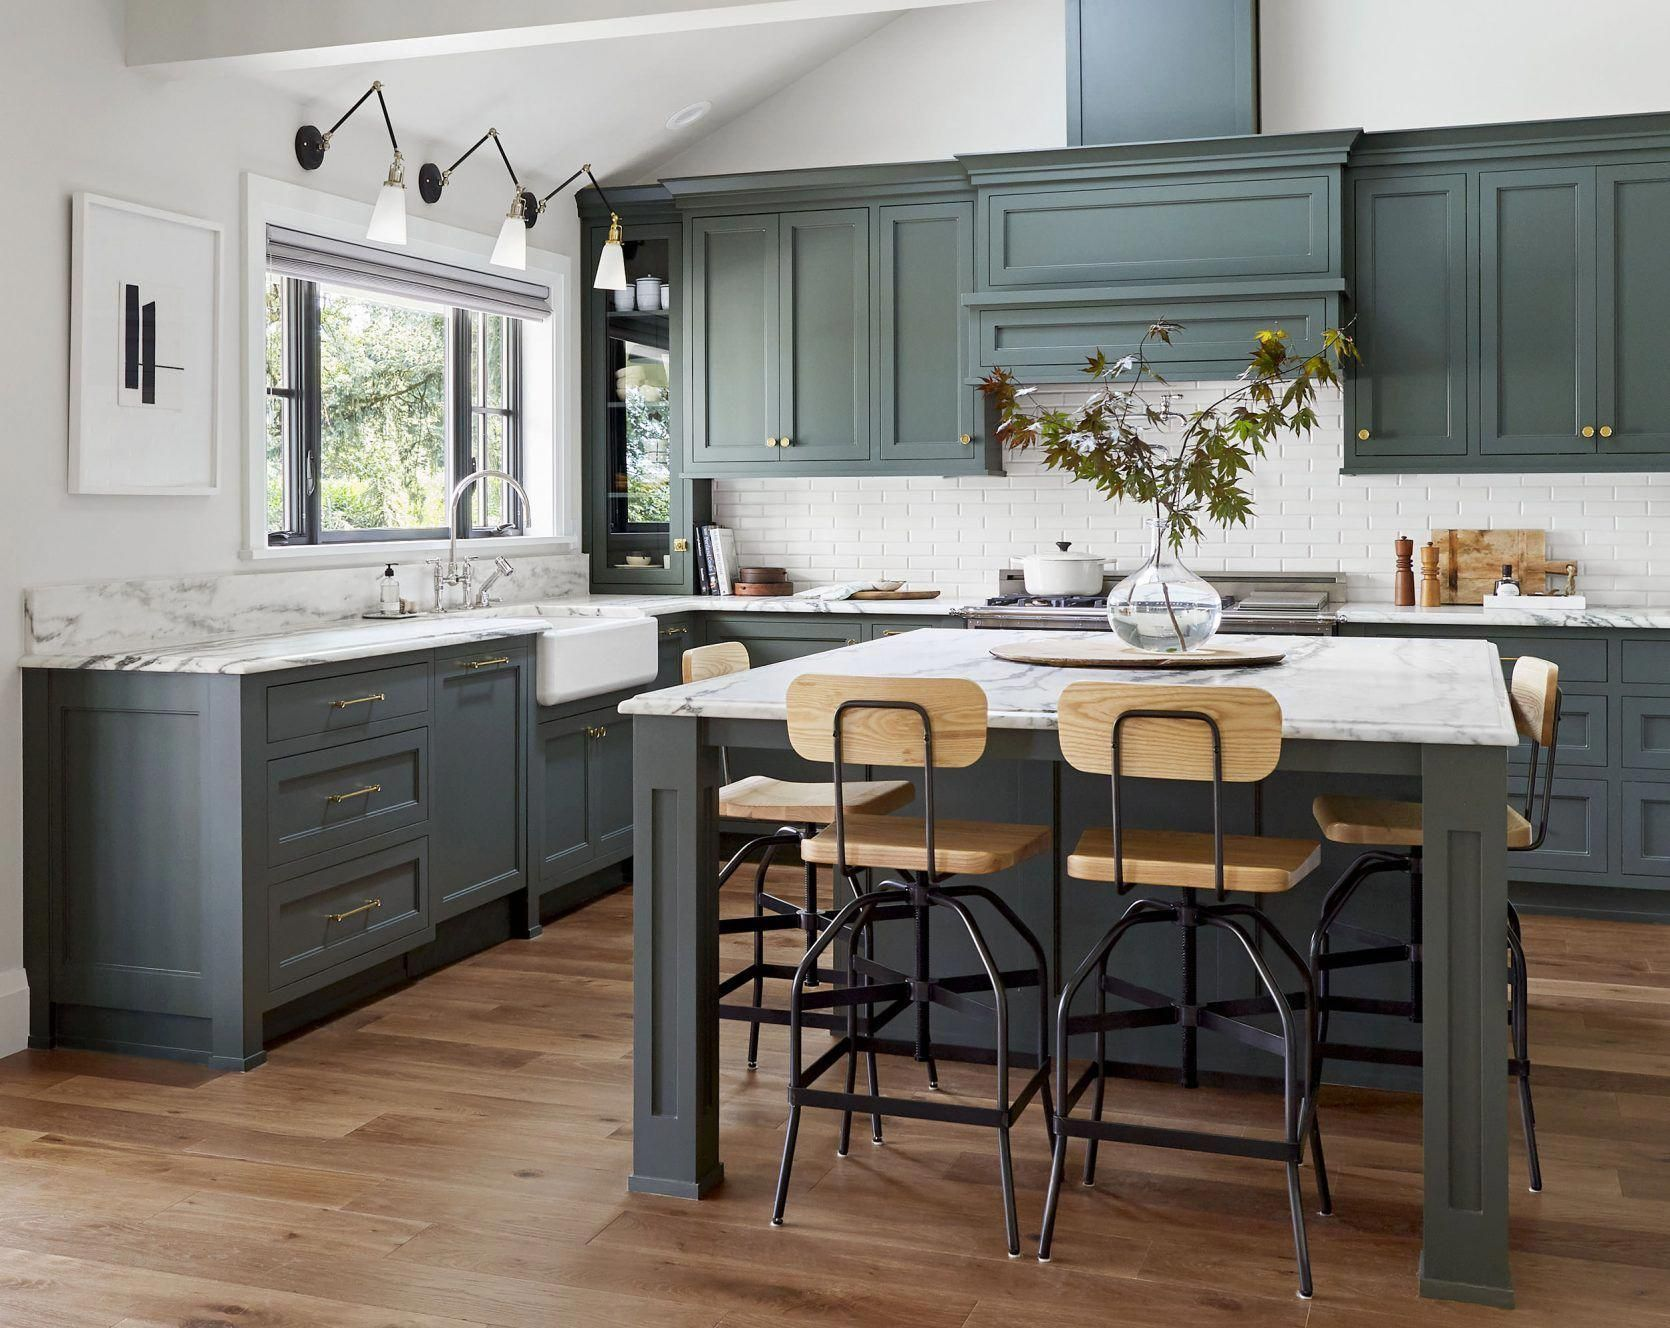 Kitchen trends 2019 #home #style #kitchenisland | kitchen ...